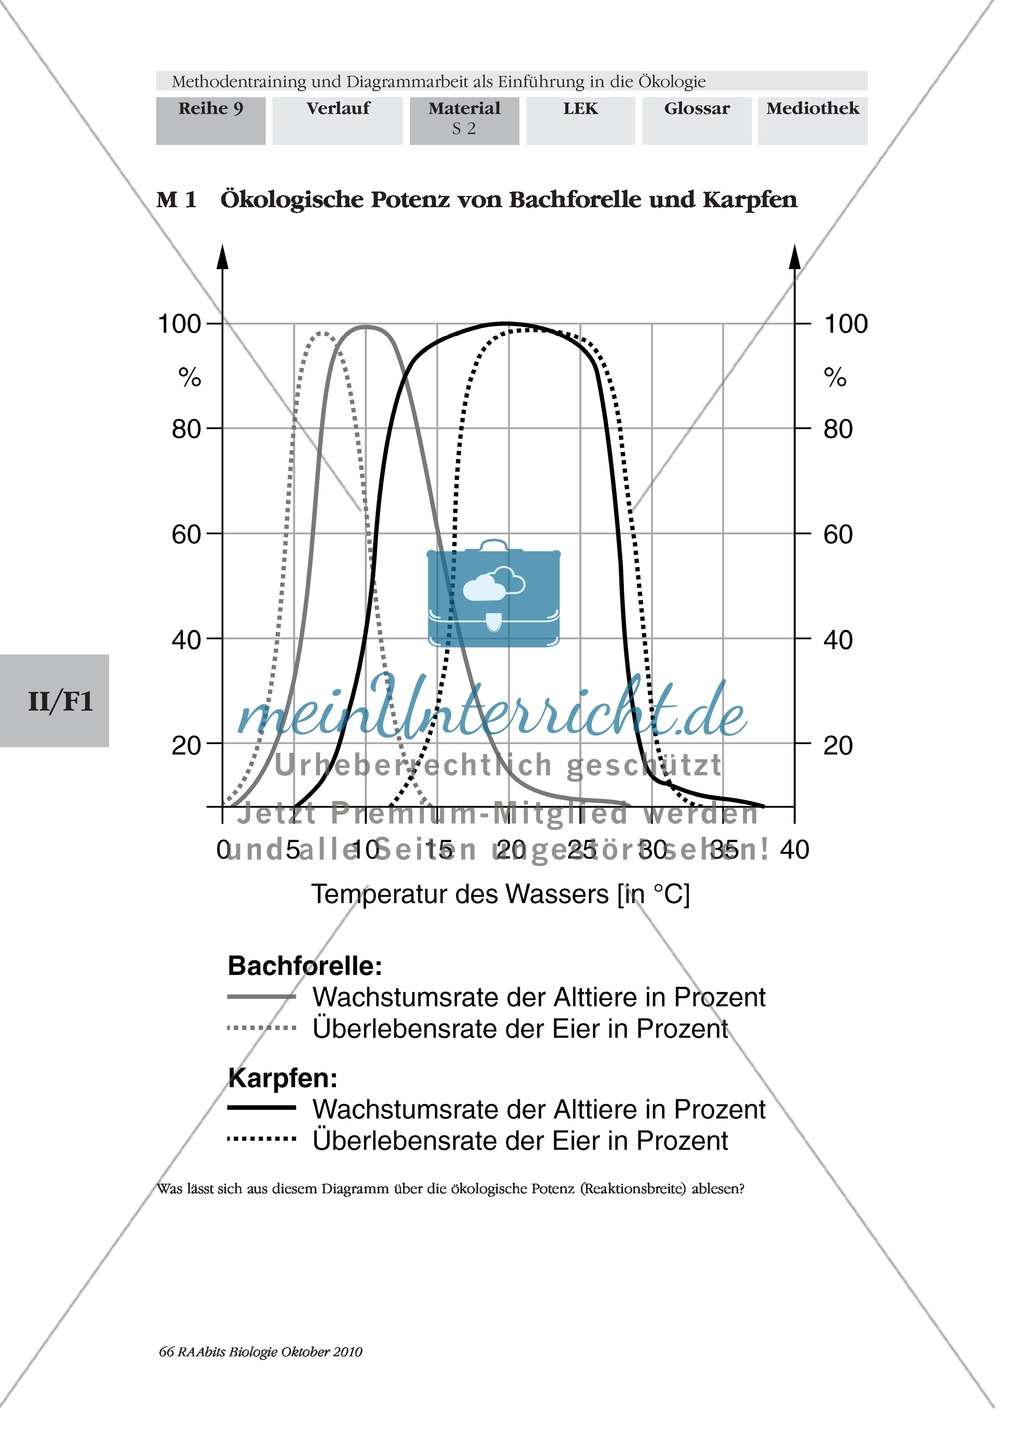 Diagramme beschreiben am Beispiel der Darstellung vn ökologischer ...